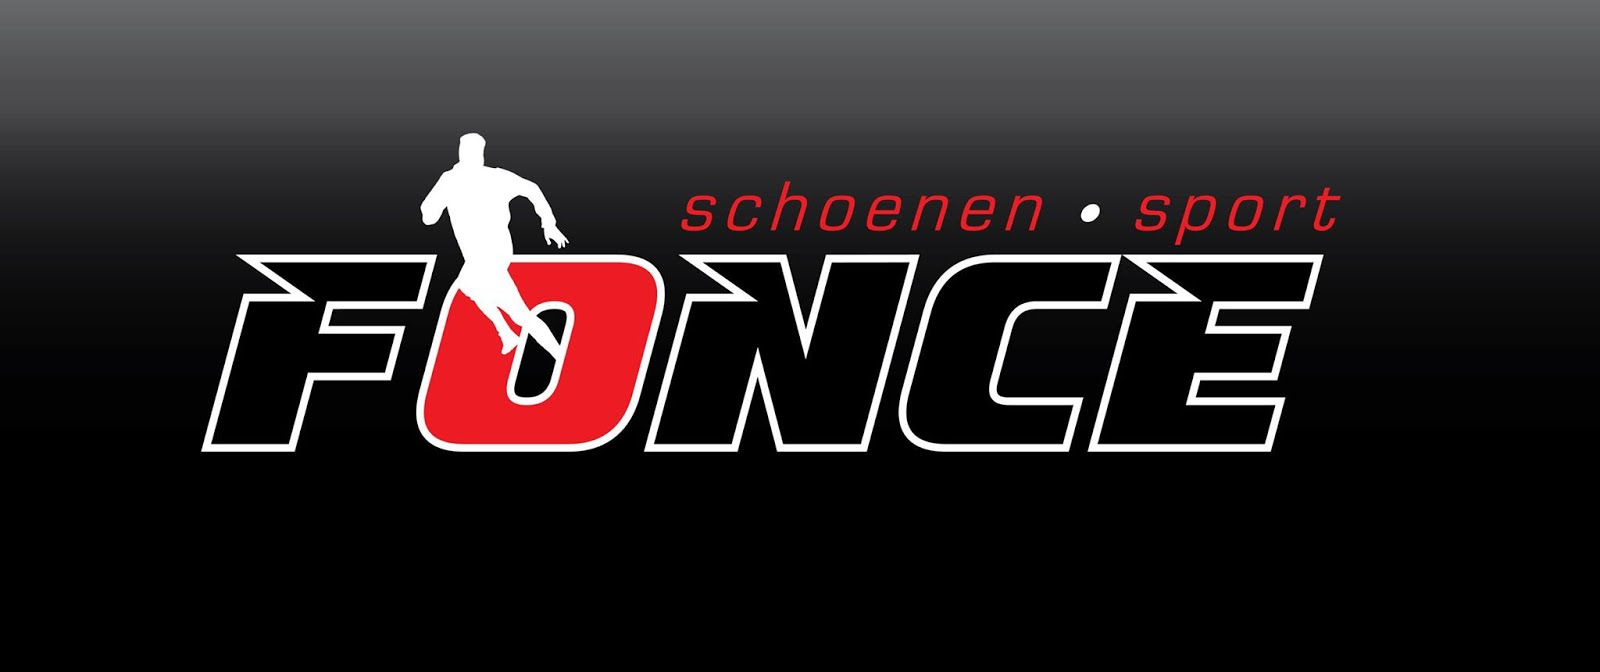 Schoenen - Sport Foncé